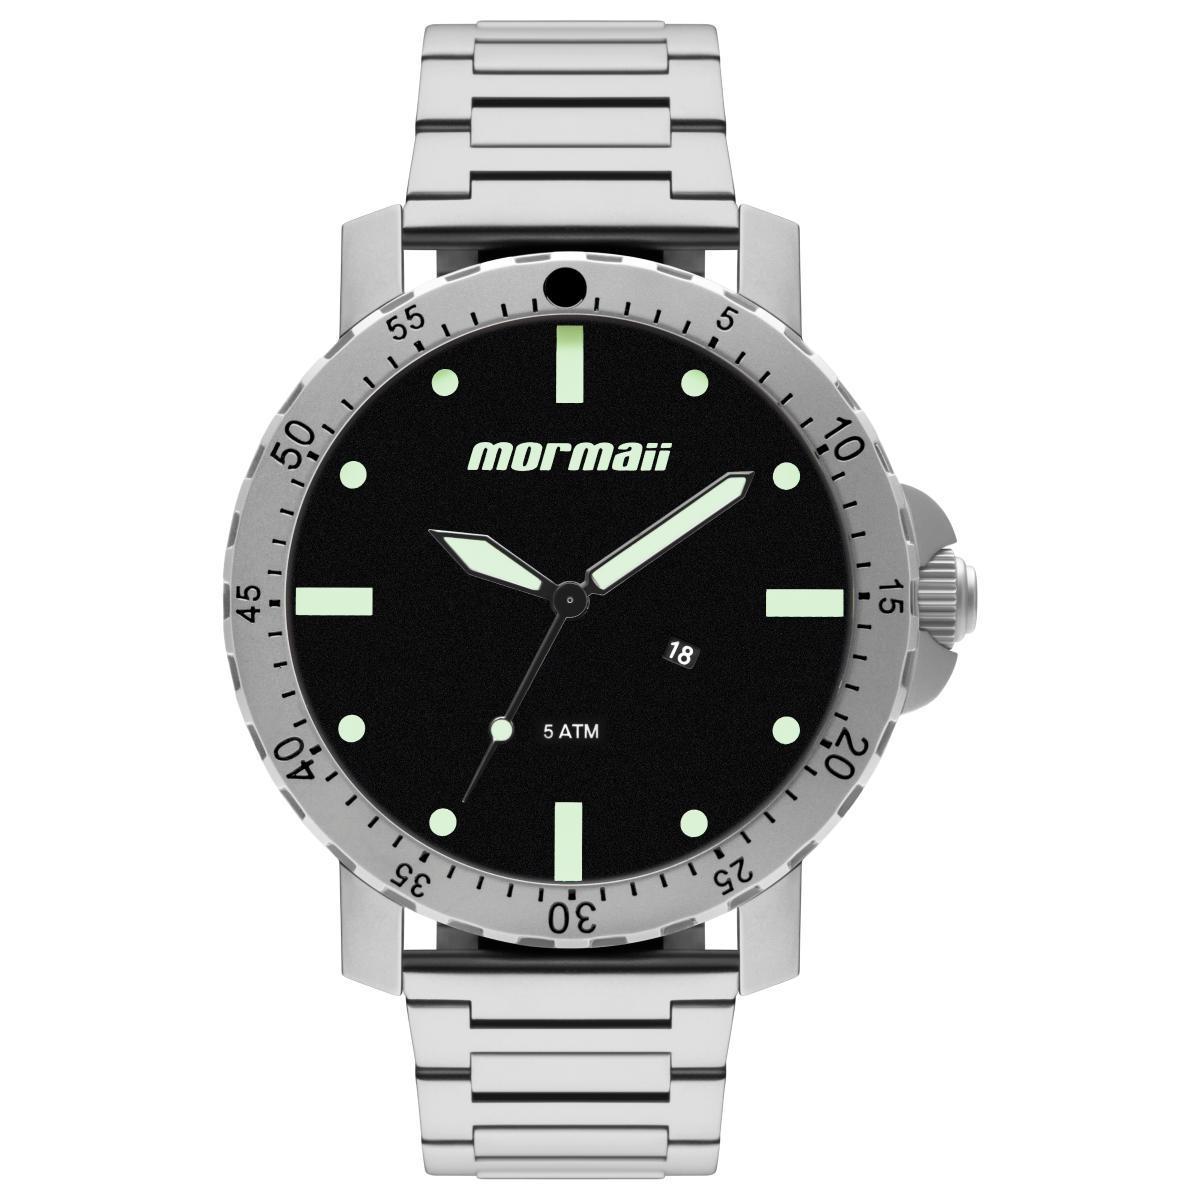 de5793a9463 Relógio Masculino Mormaii MO2115BG 1P 53mm Aço Prata - Relógio ...